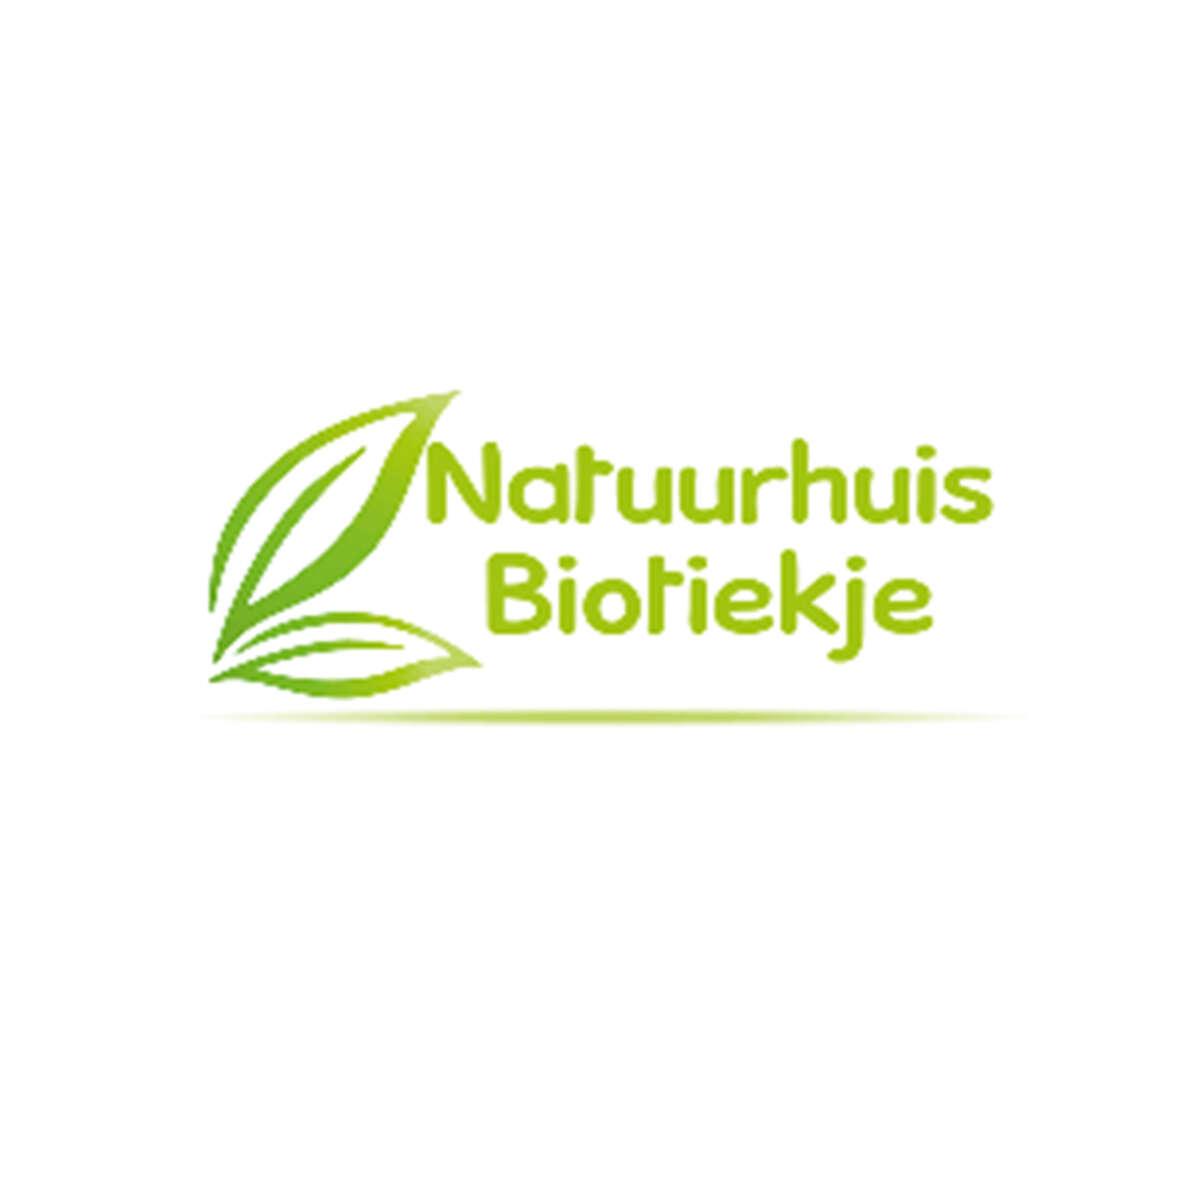 Natuurhuisbiotiekje